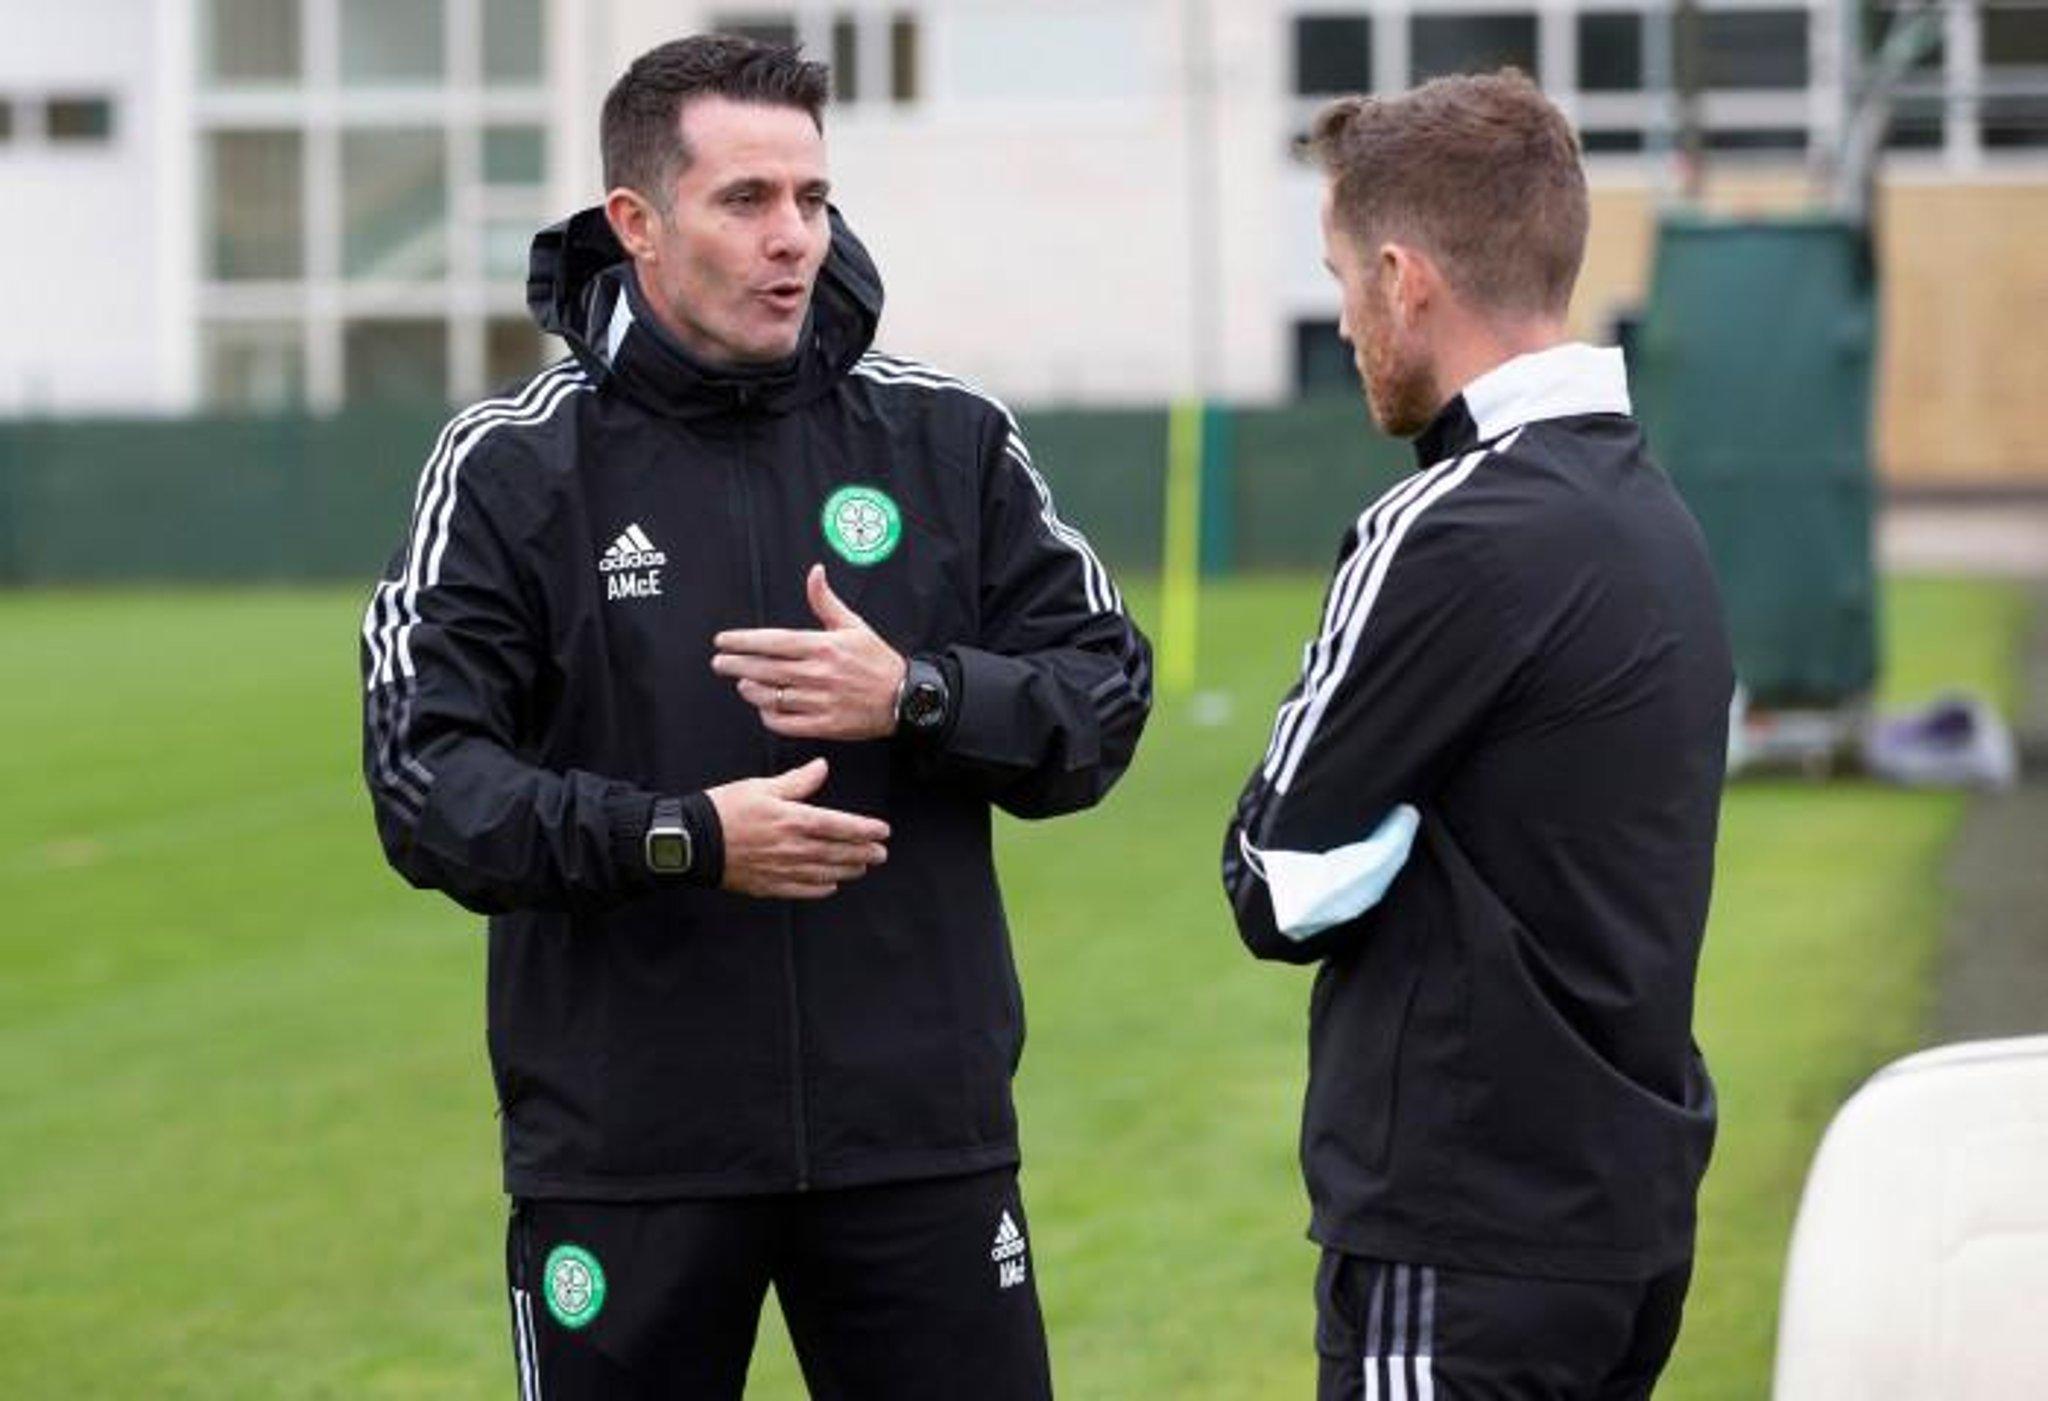 Bagaimana sains Celtic dan keyakinan manajer terbayar untuk pemain sayap yang bangkit kembali Mikey Johnston, siap untuk membuktikan penentang salah